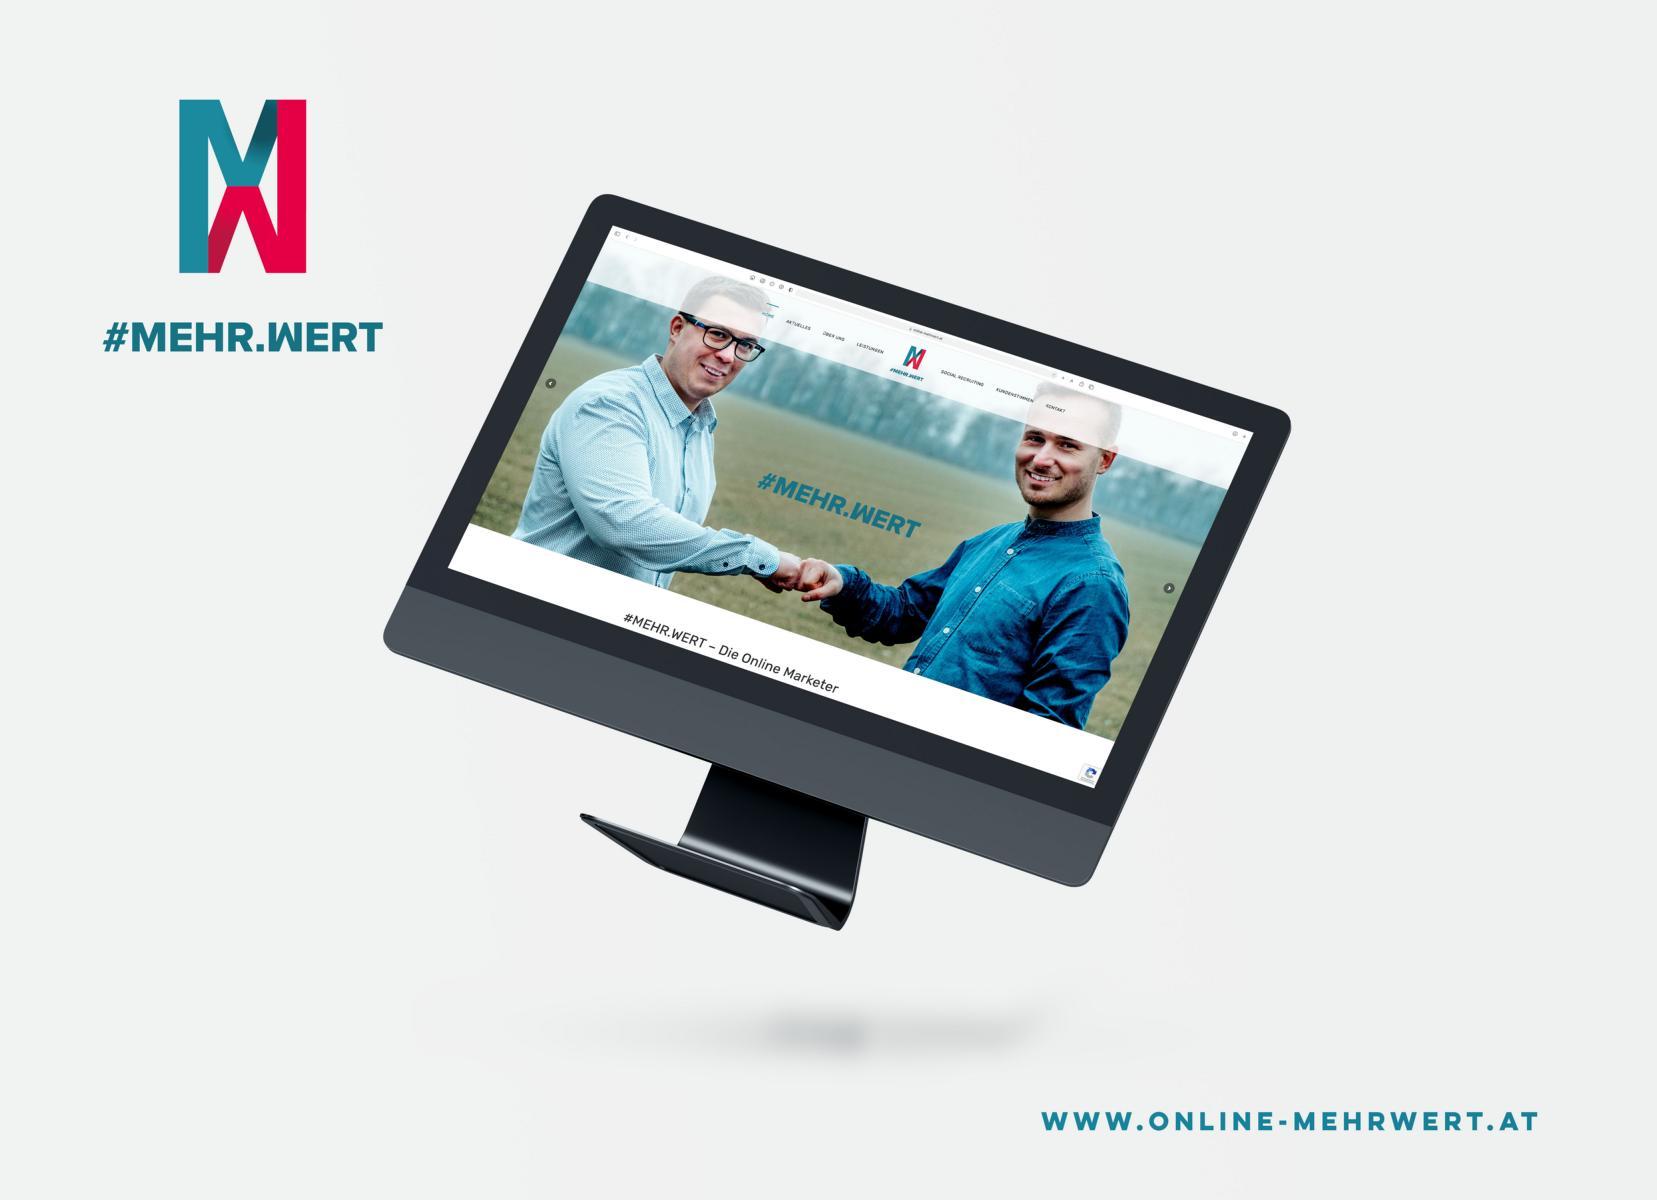 Online Agentur - #Mehr.Wert